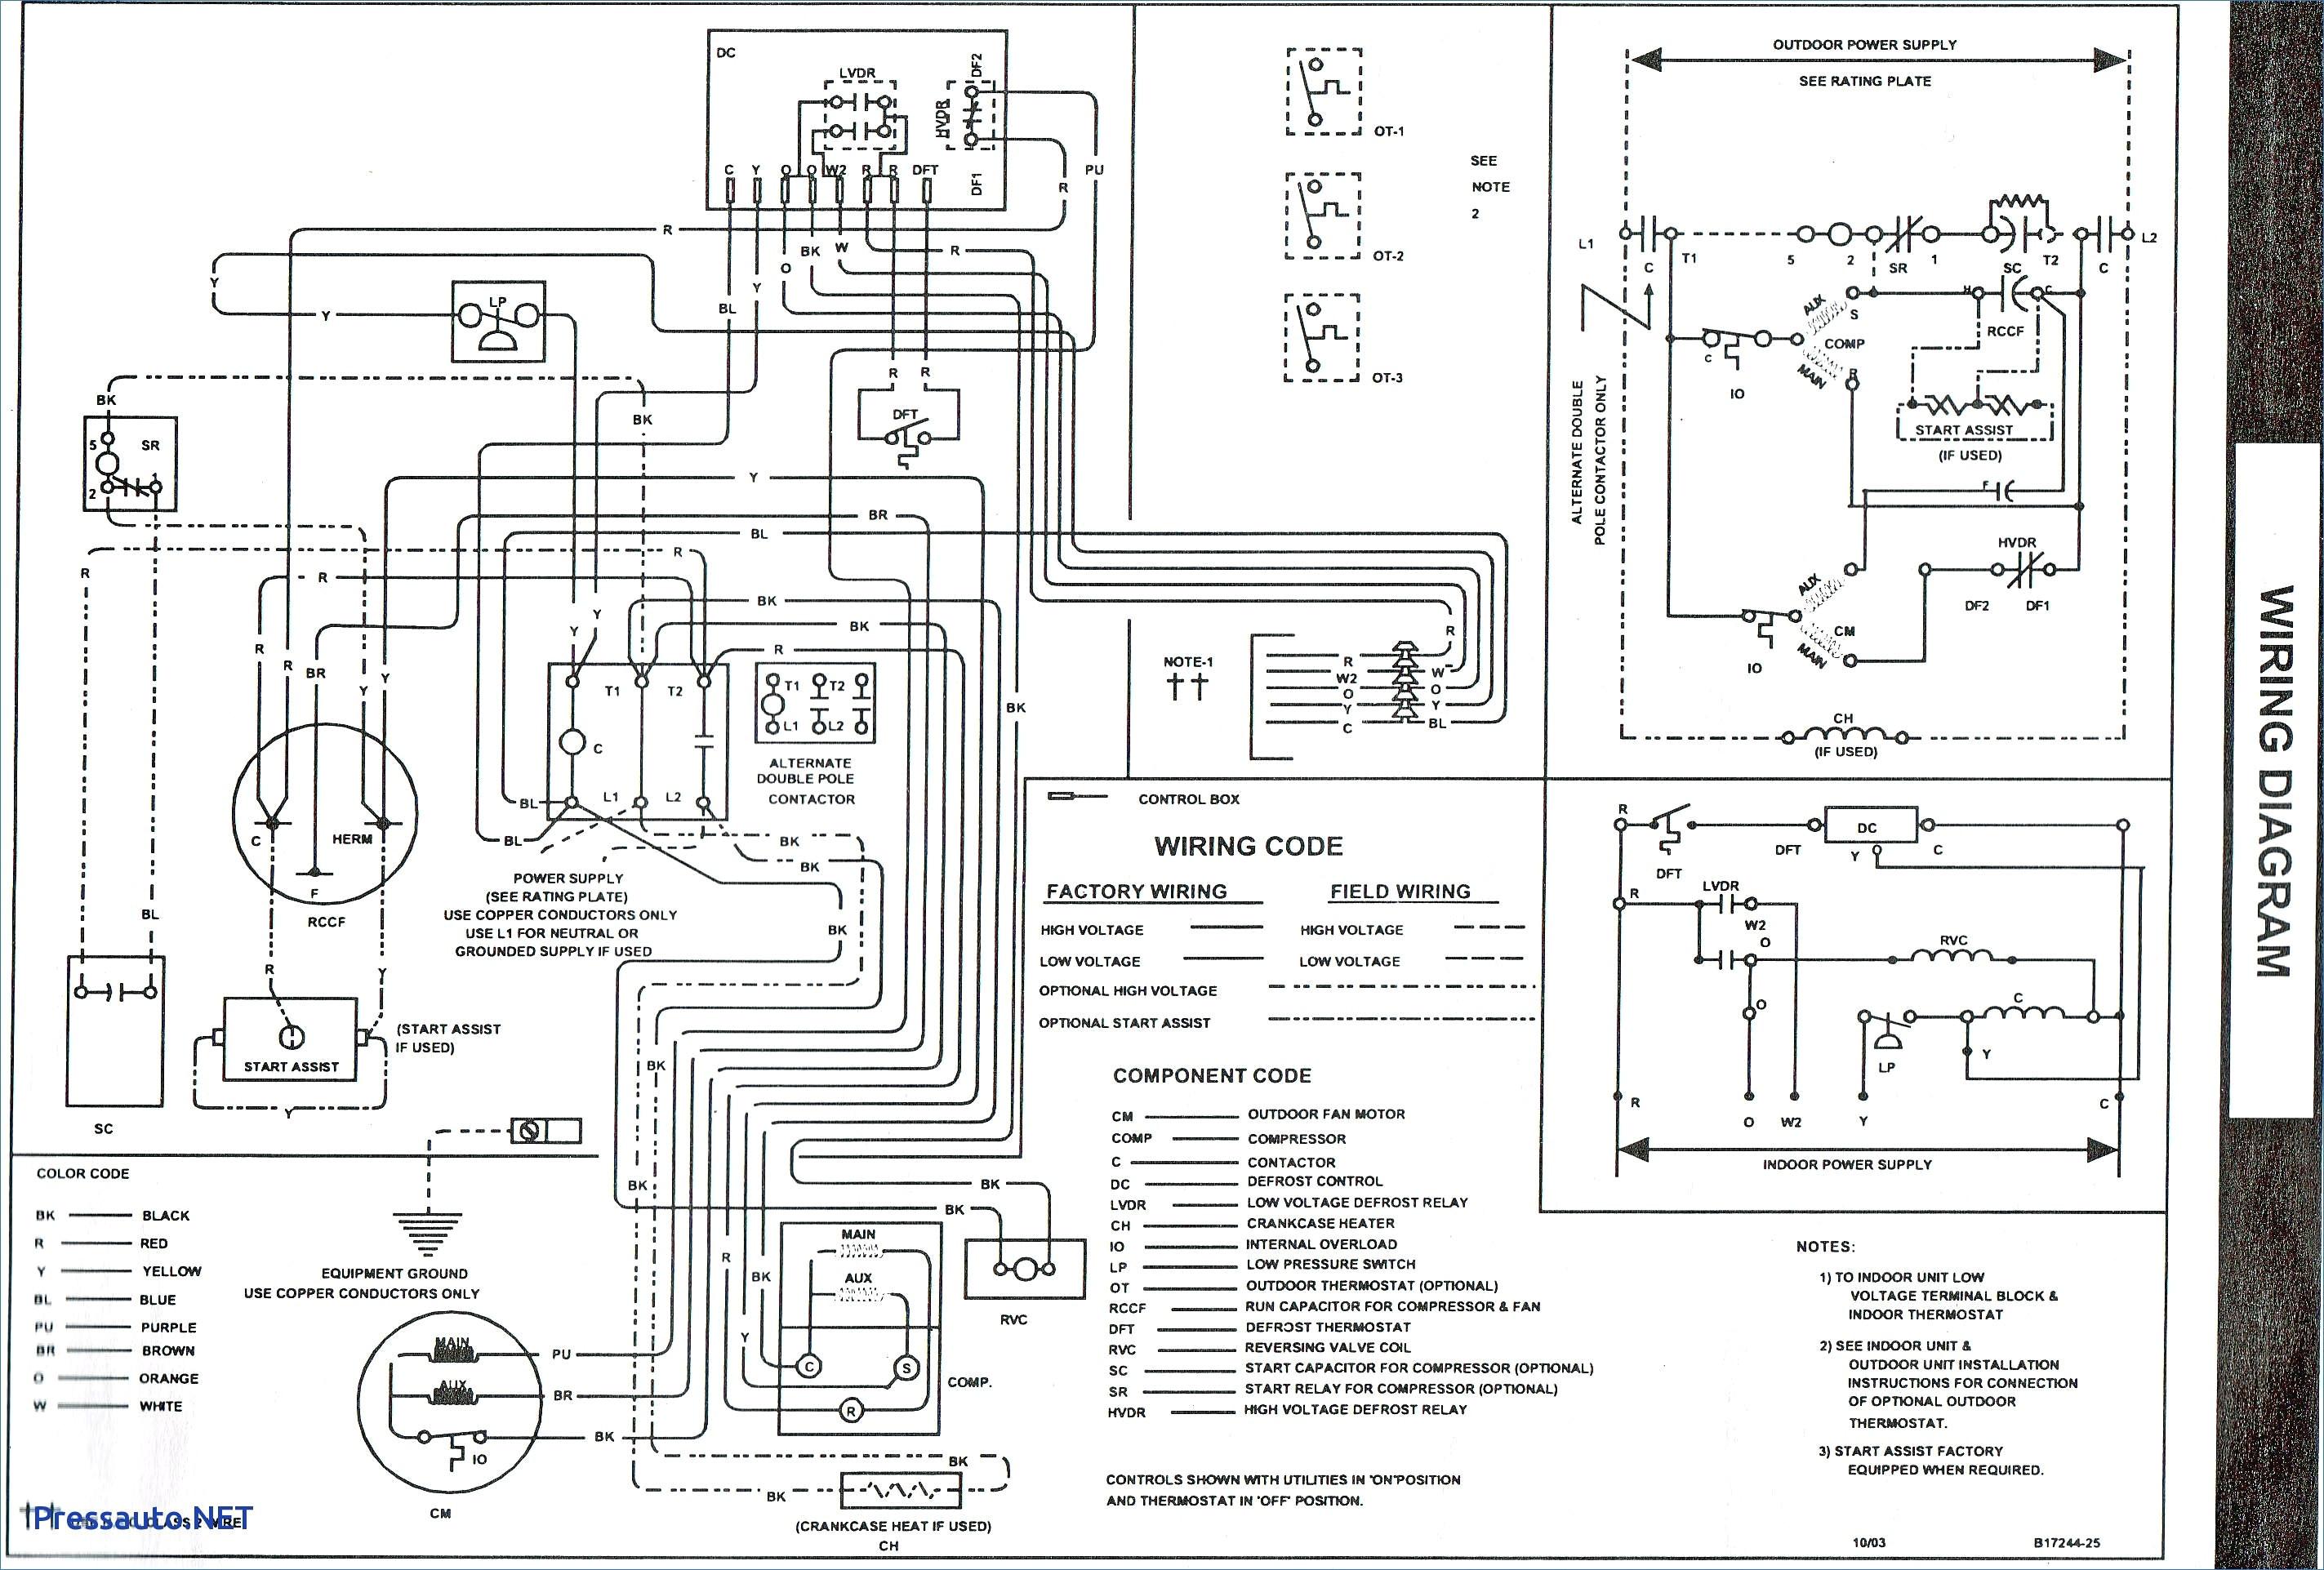 goodman hkr 10 wiring diagram Download-Goodman Furnace Wiring Diagram B2network Co 2-t